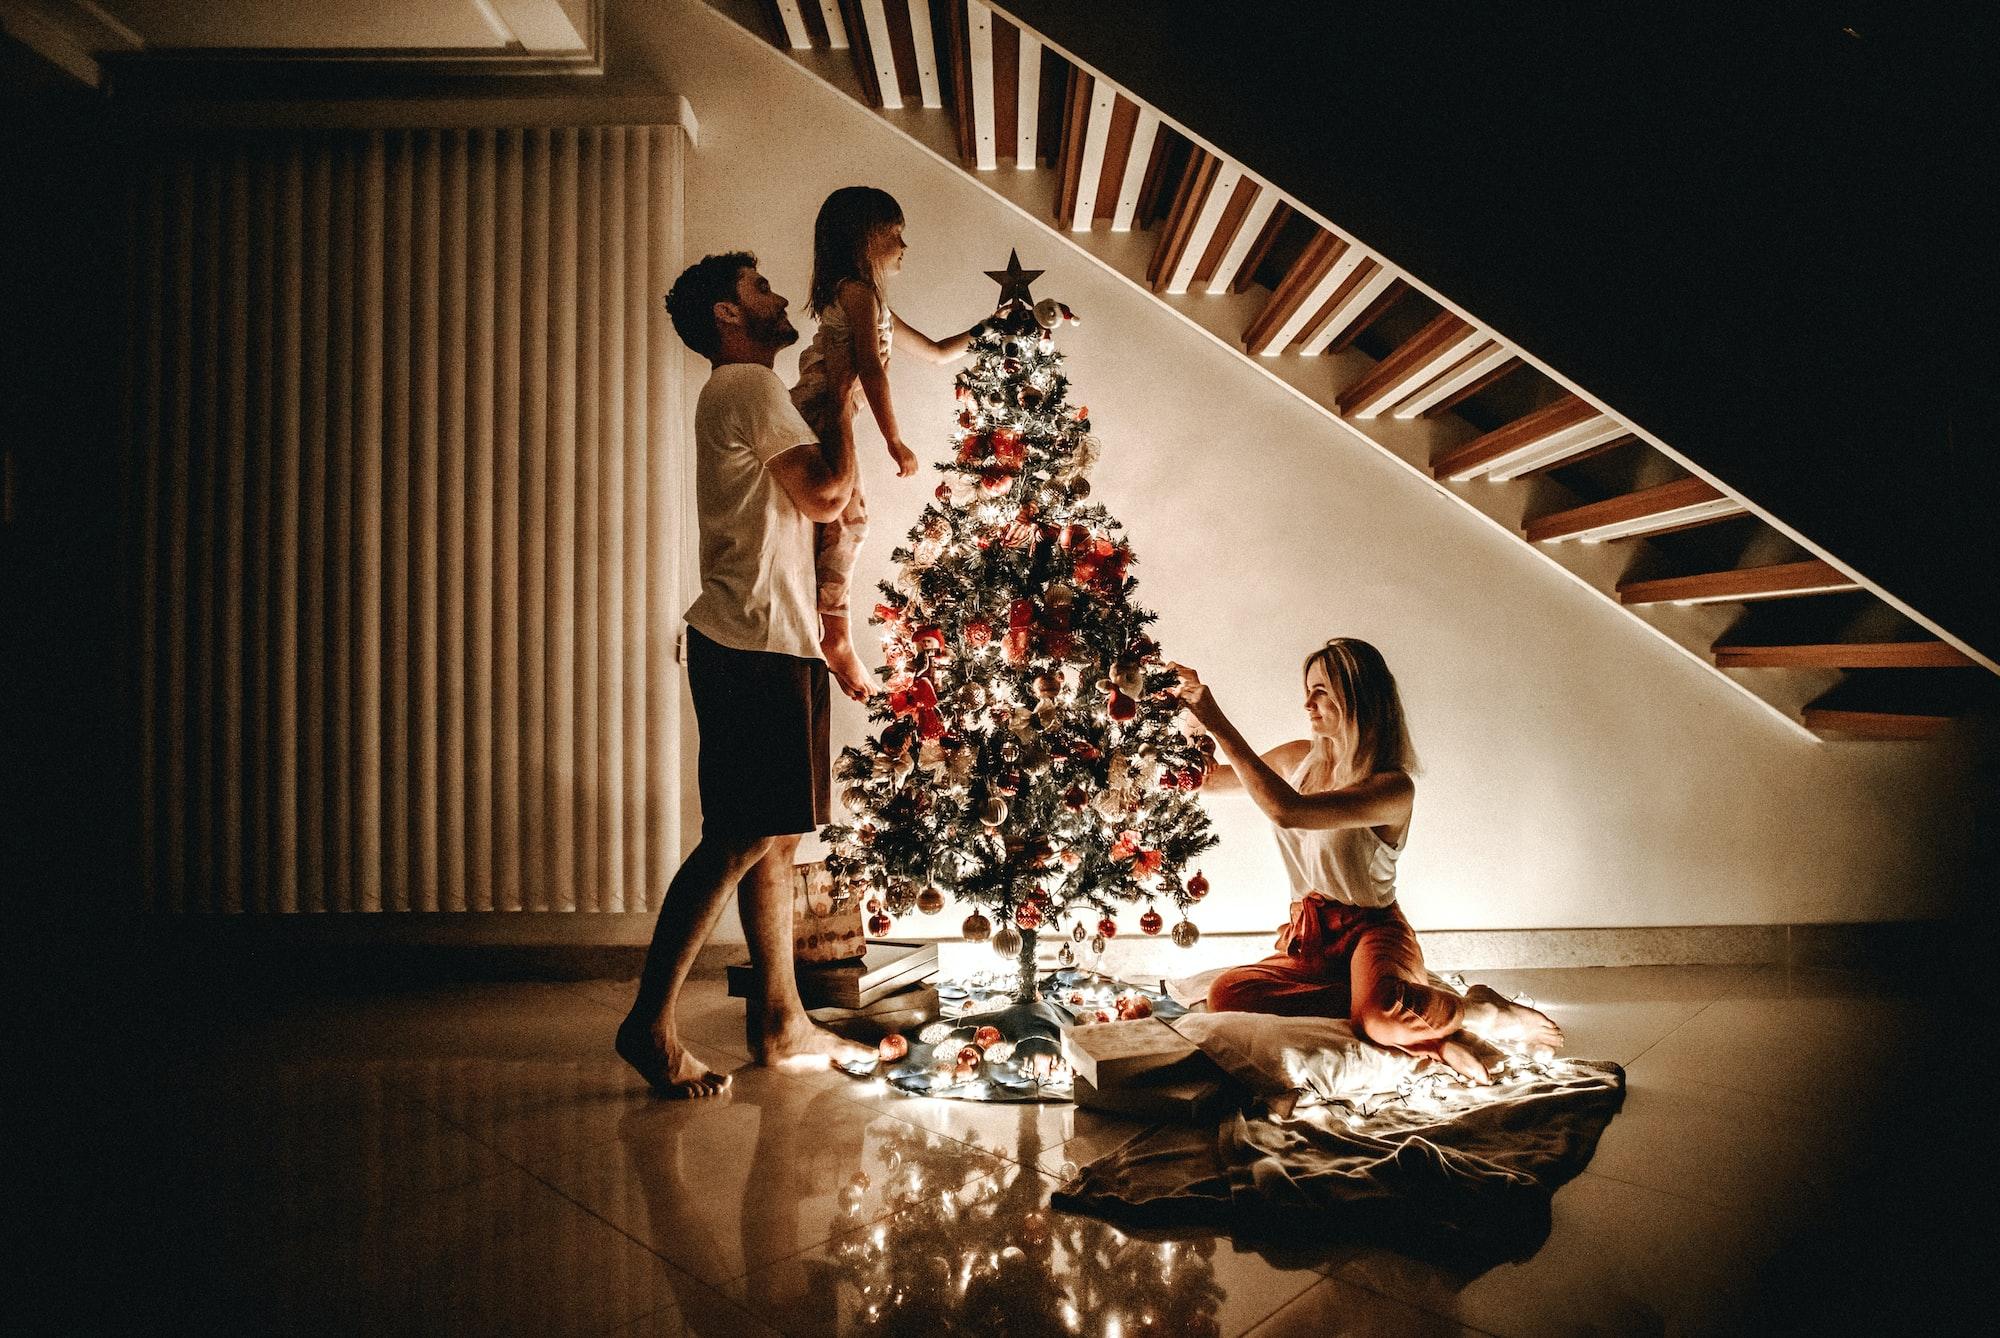 Redaktörens urval: Fakta om julen med julen om hörnet